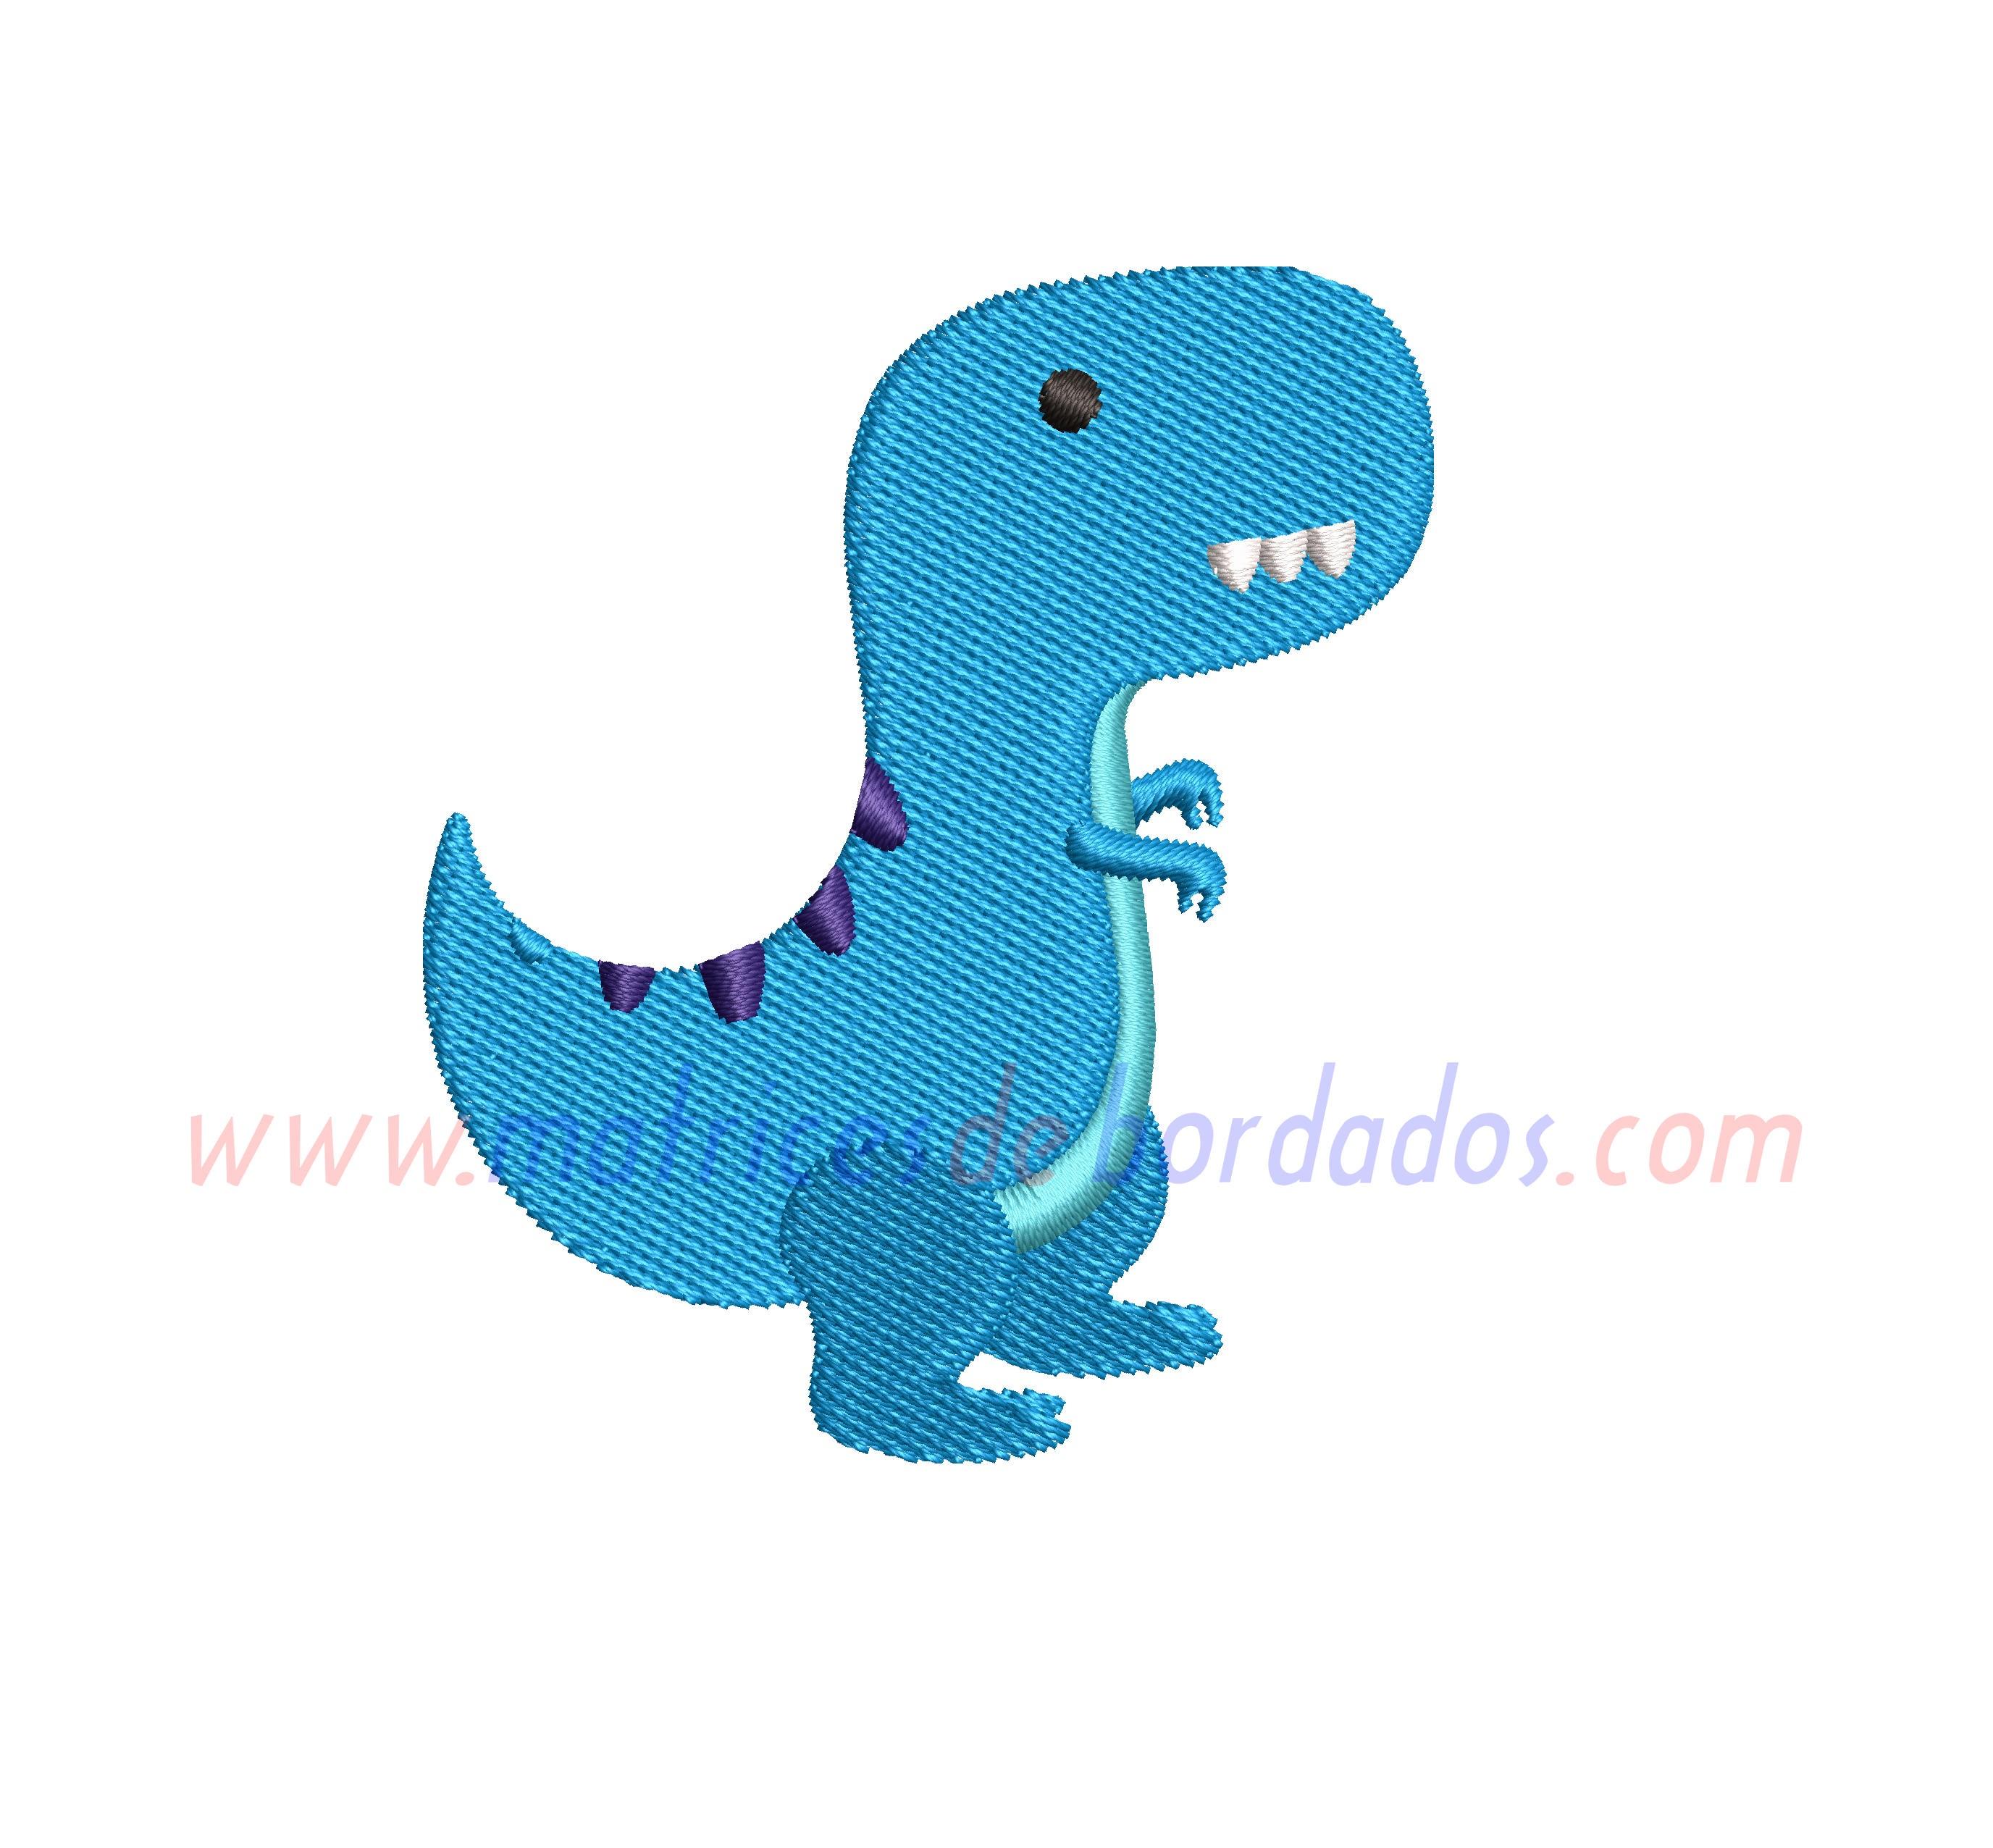 UJ79LH - Dinosaurio